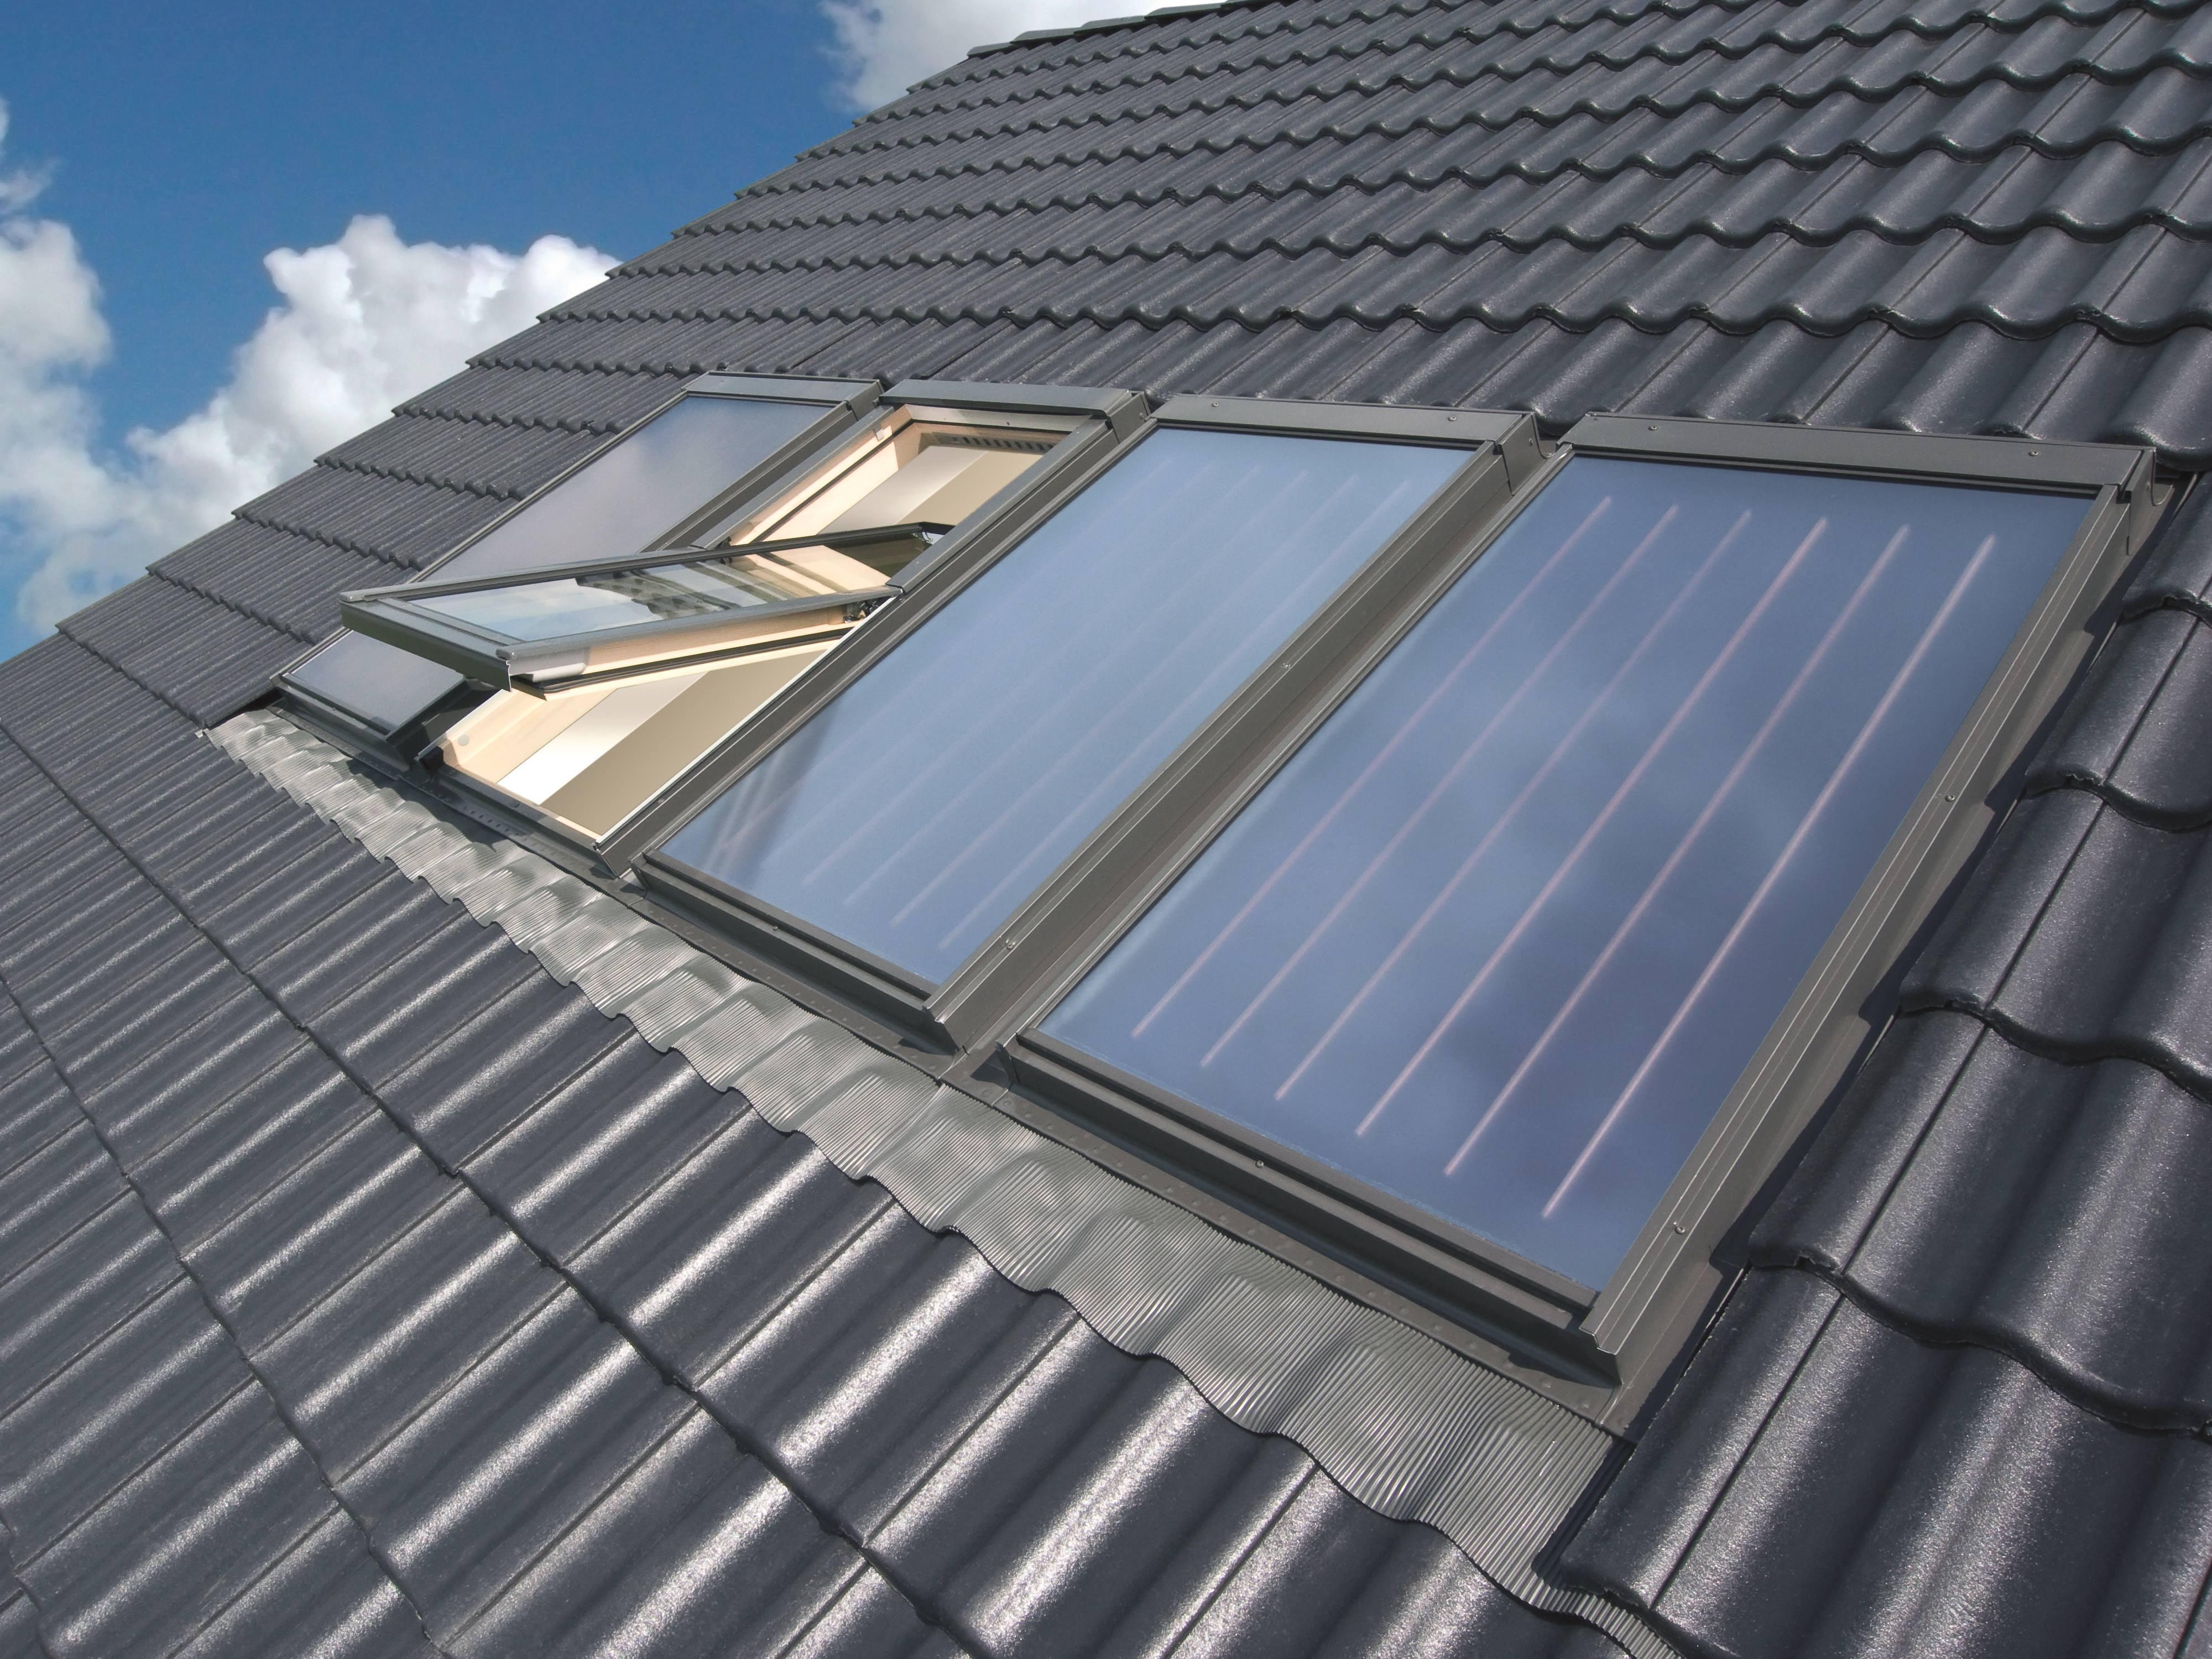 Nuovi collettori solari skw e skc fakro combinabili con le finestre da tetto serramenti design - Finestre con pannelli solari ...